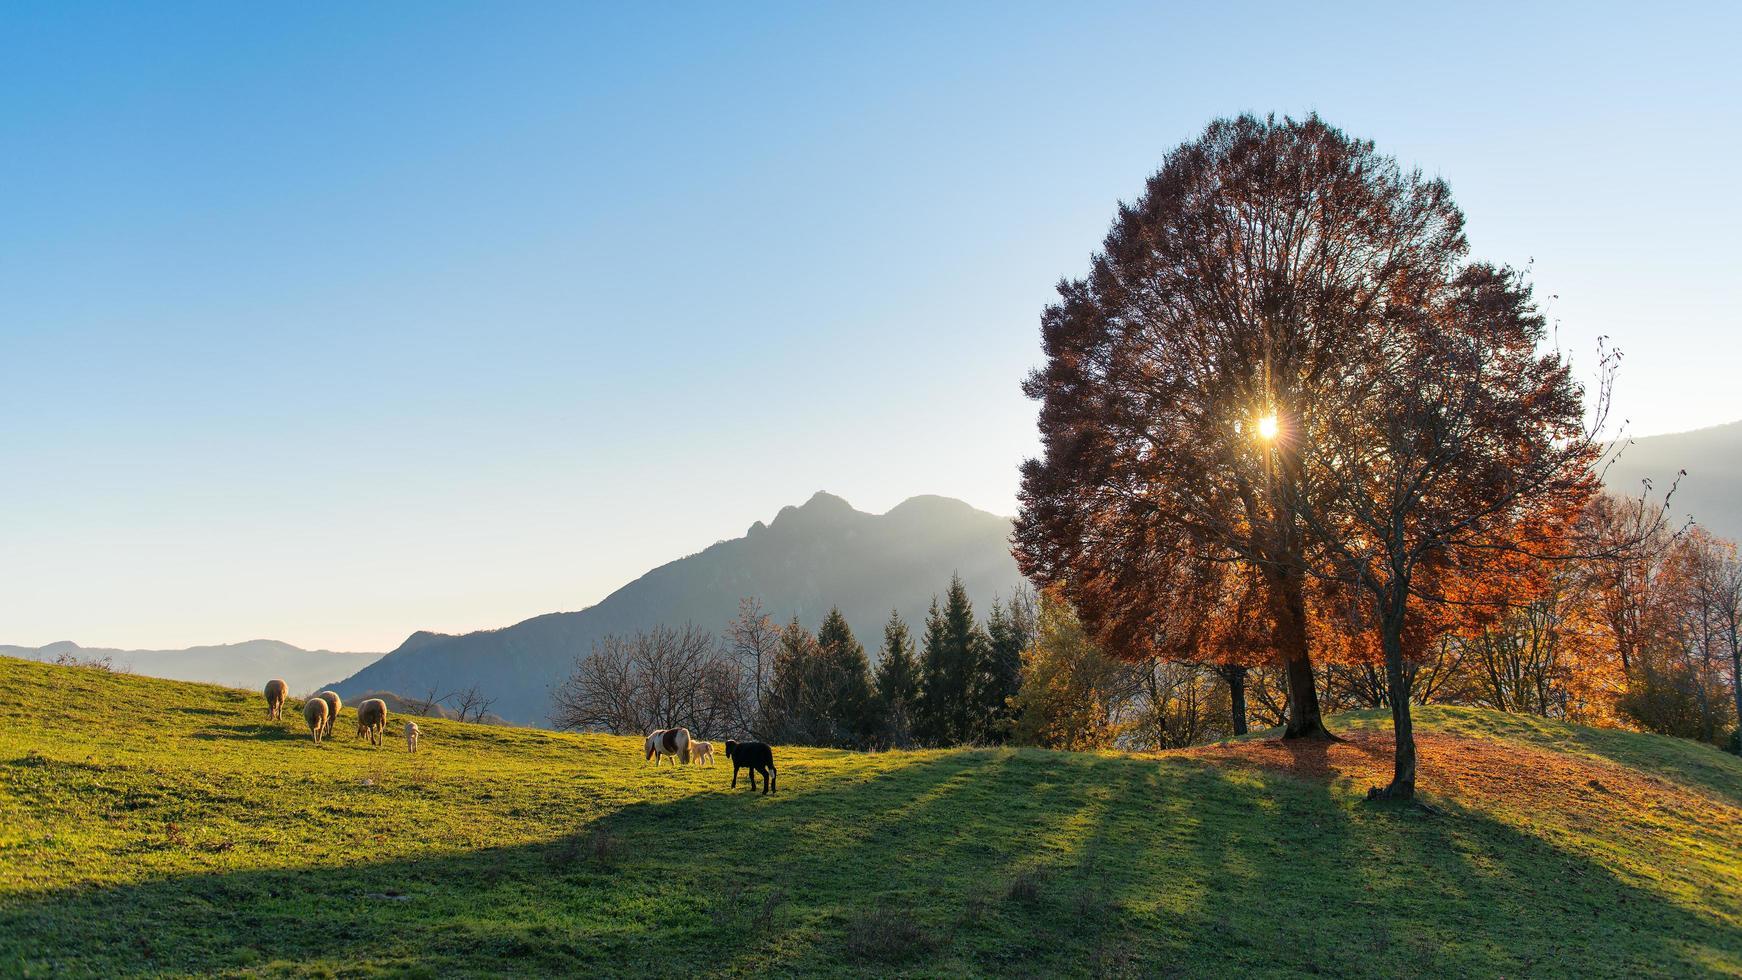 escena de pastos de montaña en otoño foto